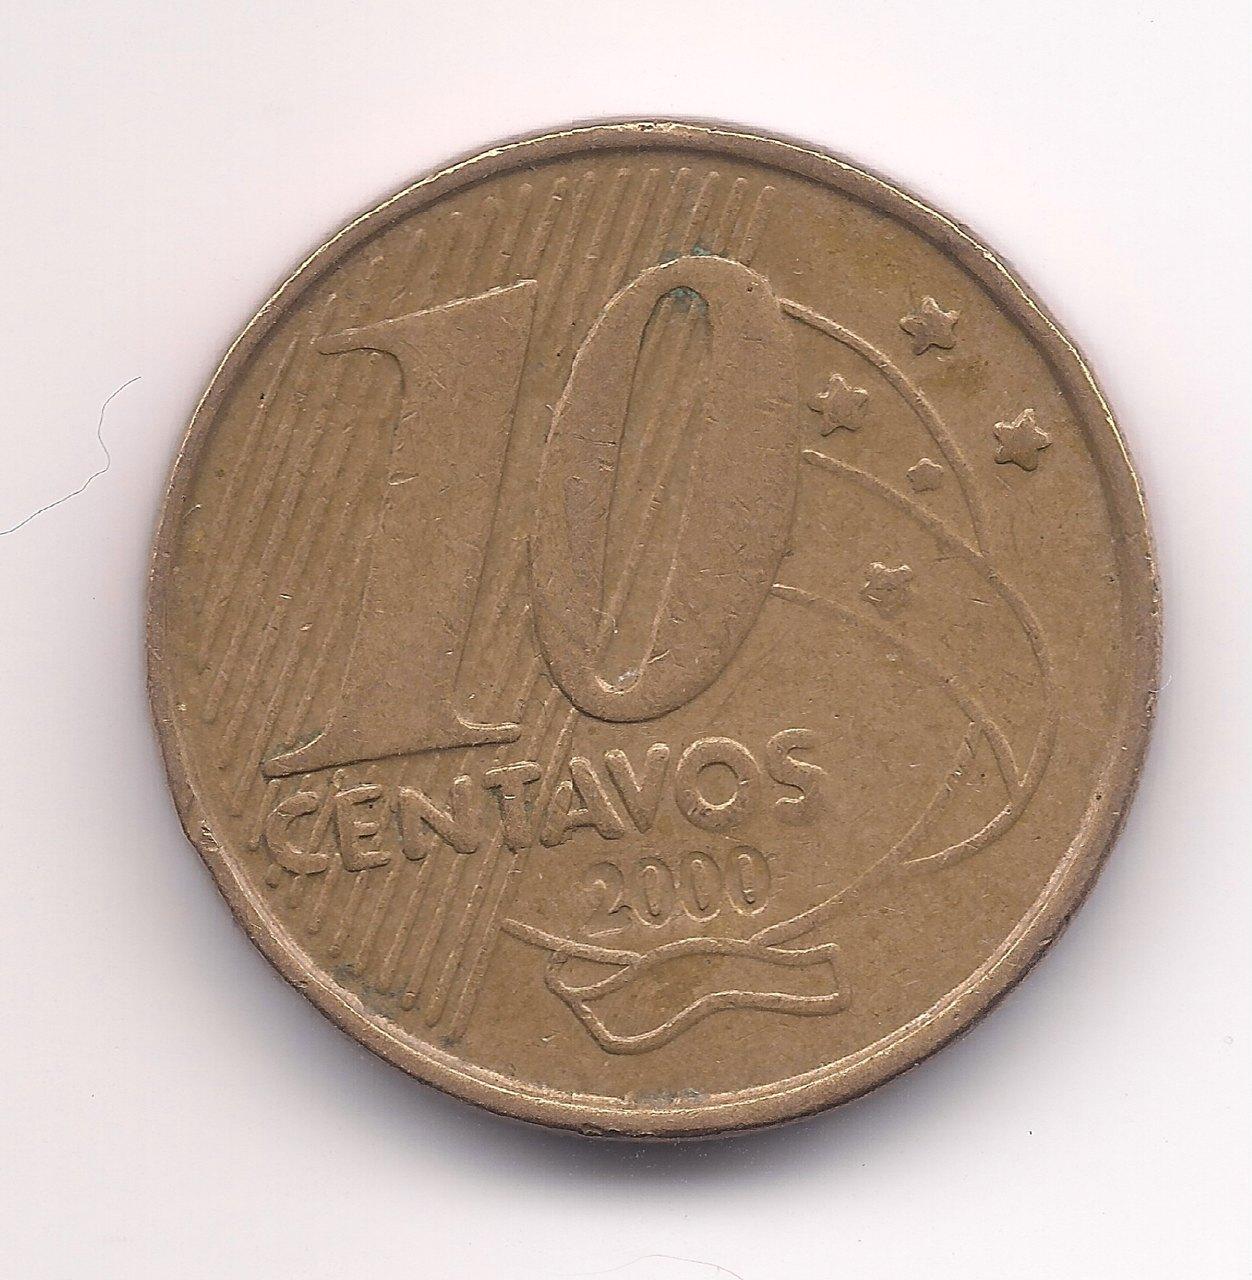 V487 - 10 Centavos 2000